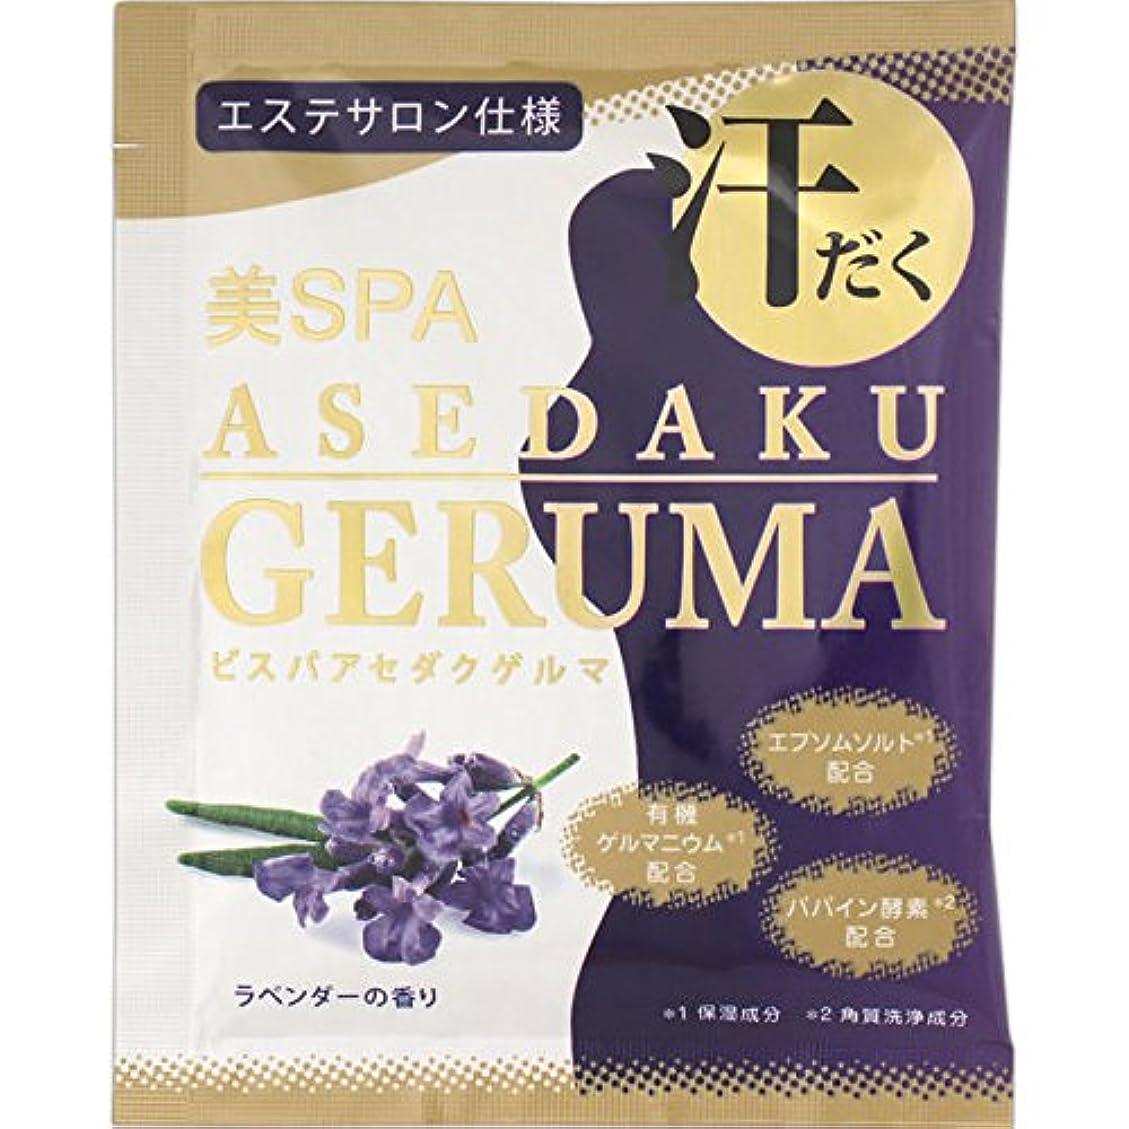 体細胞起訴する血色の良い日本生化学 美SPA ASEDAKU GERUMA ラベンダー 30g